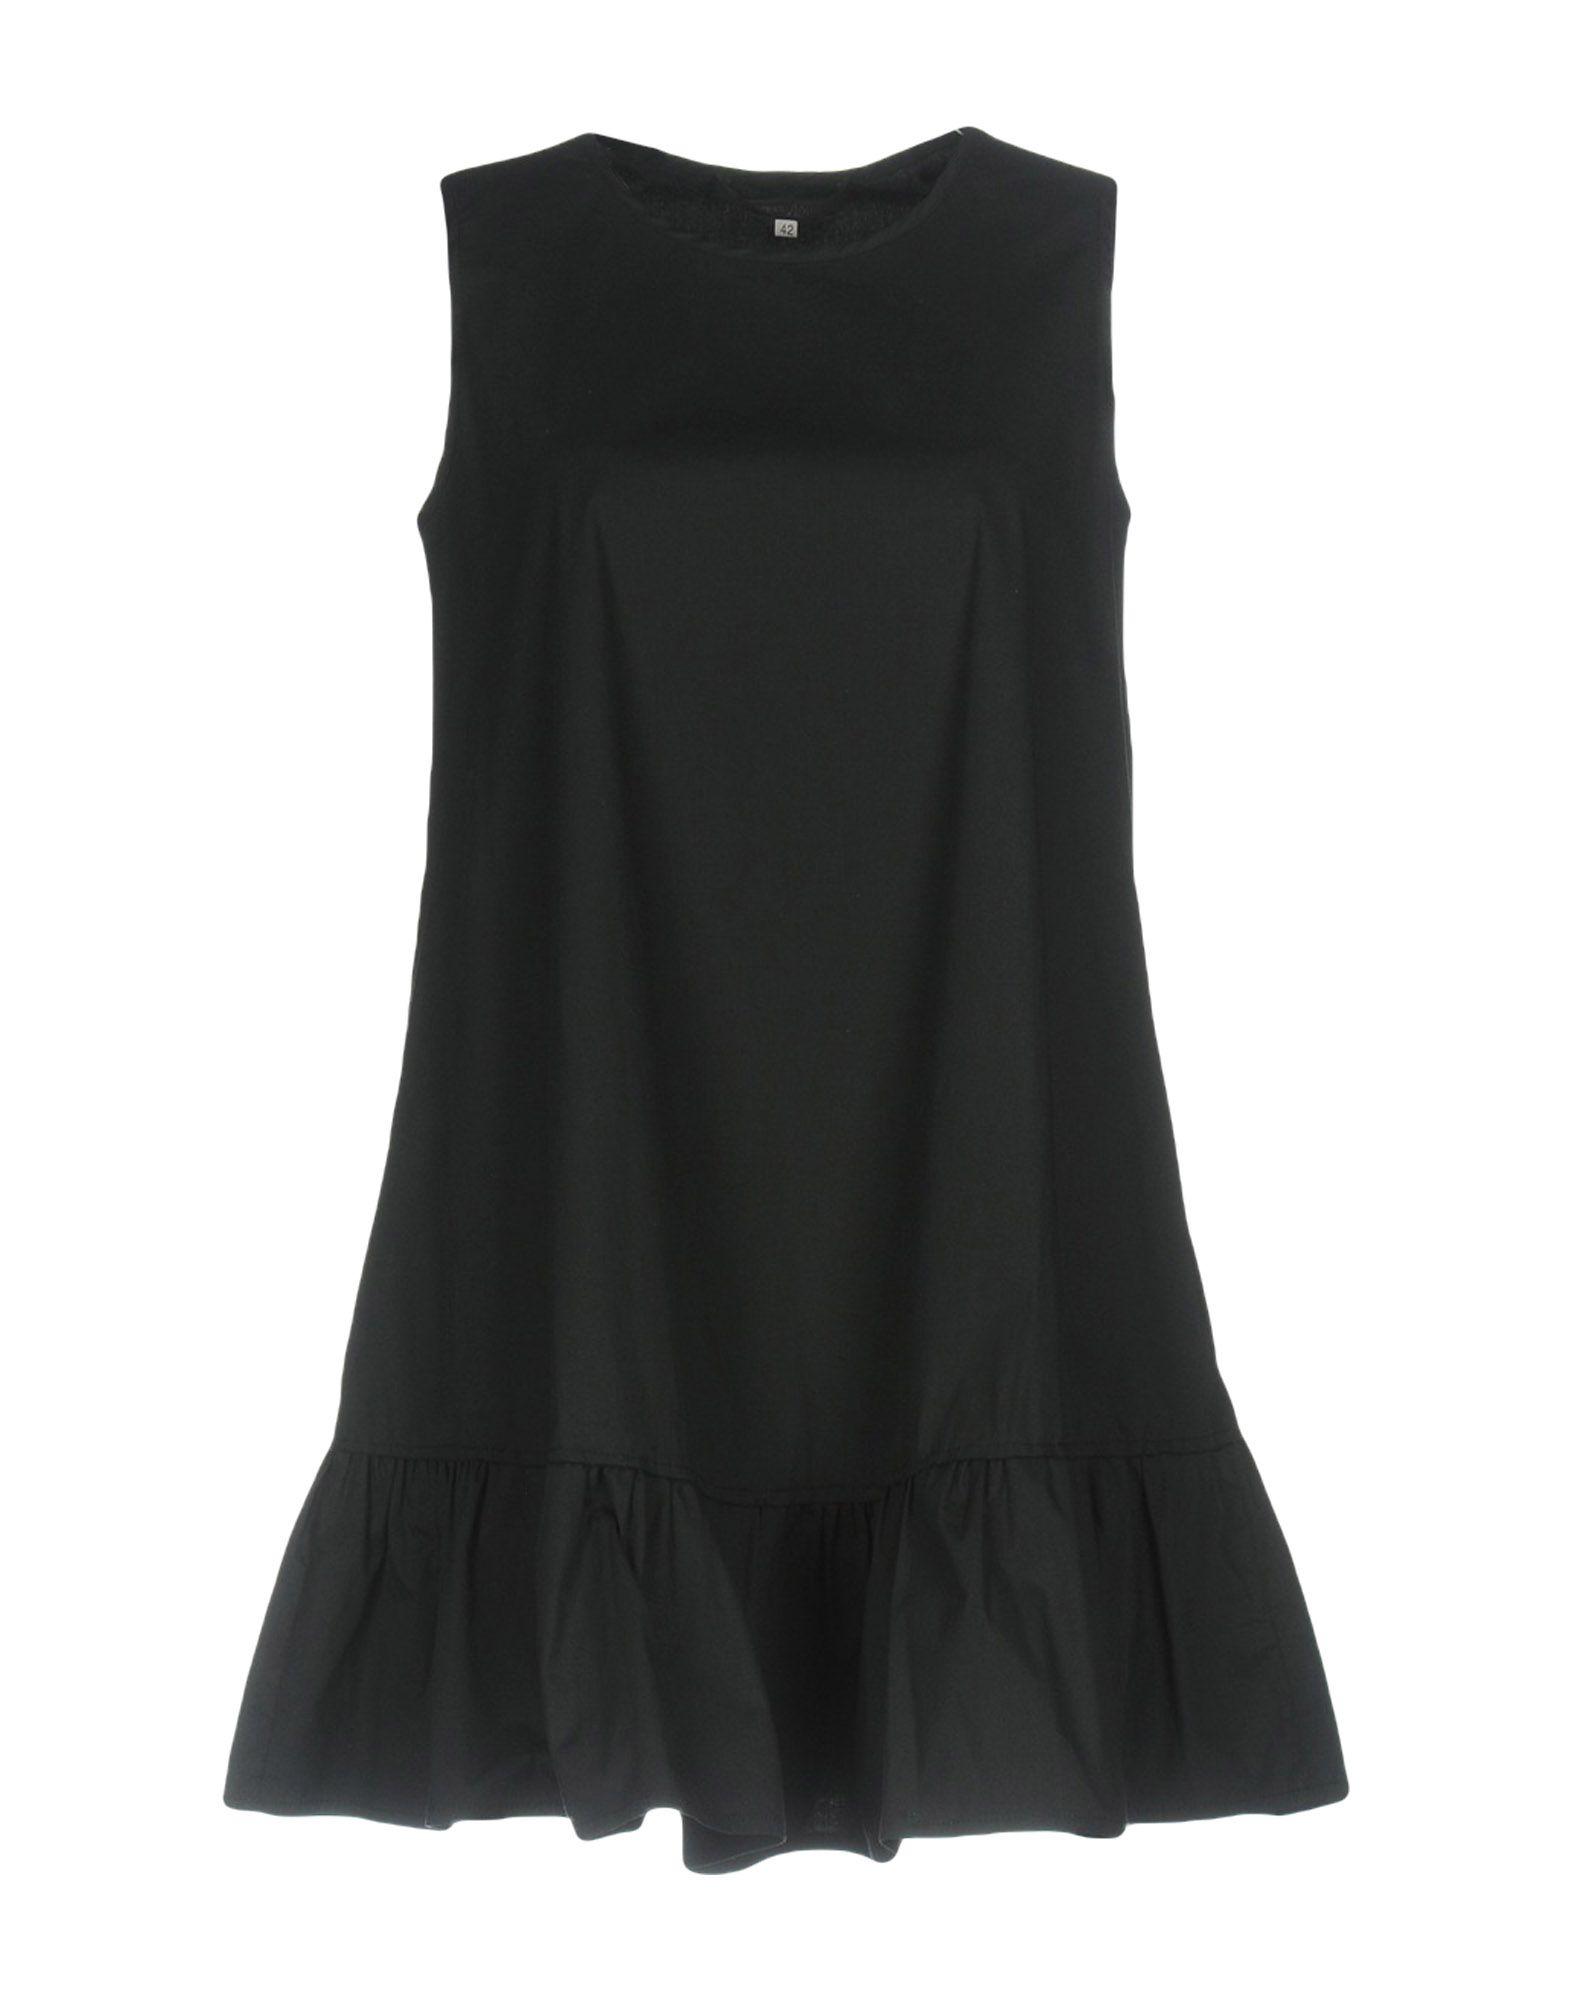 TERRE ALTE Damen Kurzes Kleid Farbe Schwarz Größe 4 jetztbilligerkaufen